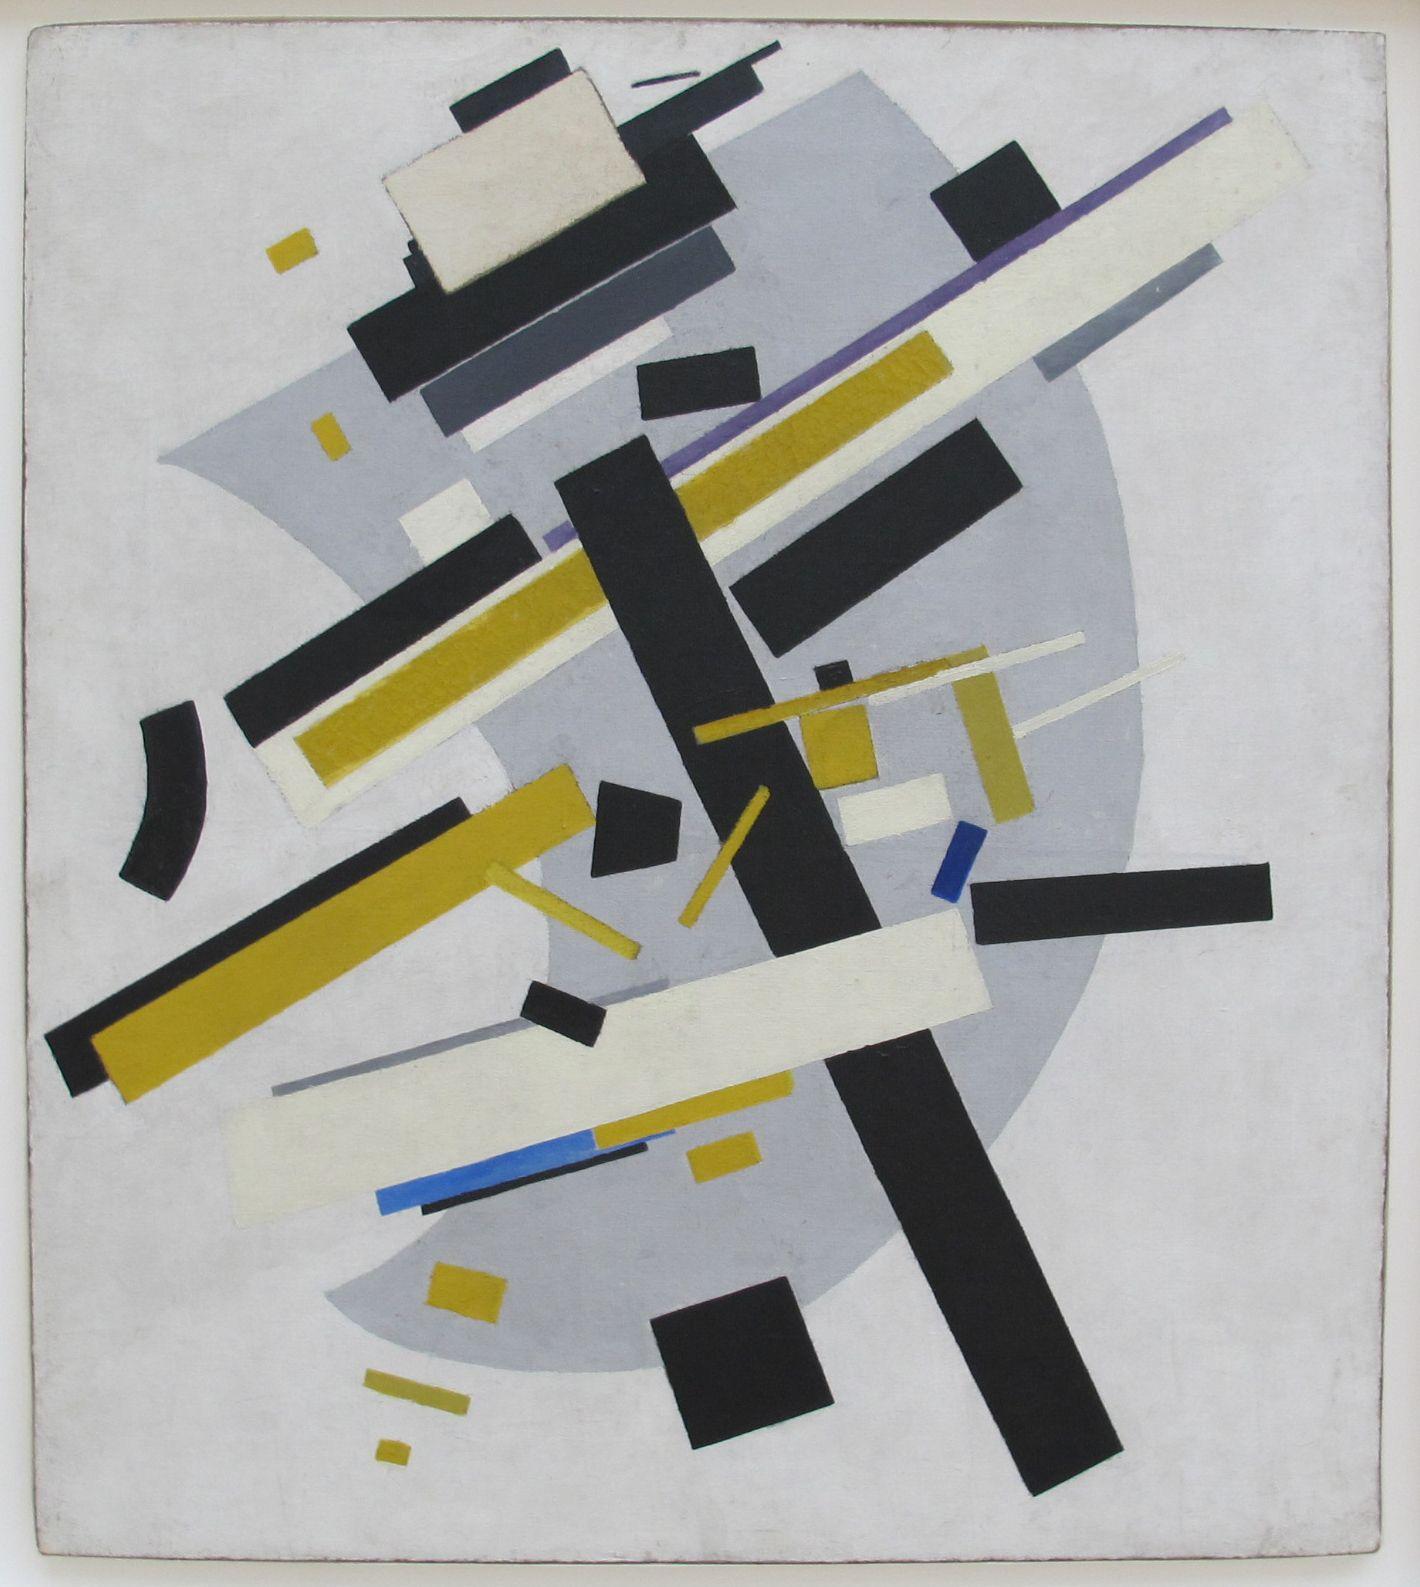 Obra de Kazimir Malevich. O Suprematismo é conhecido pela sua geometrização ( que influência o Construtivismo). Nova estética baseada em imagens, que destila formas visuais.